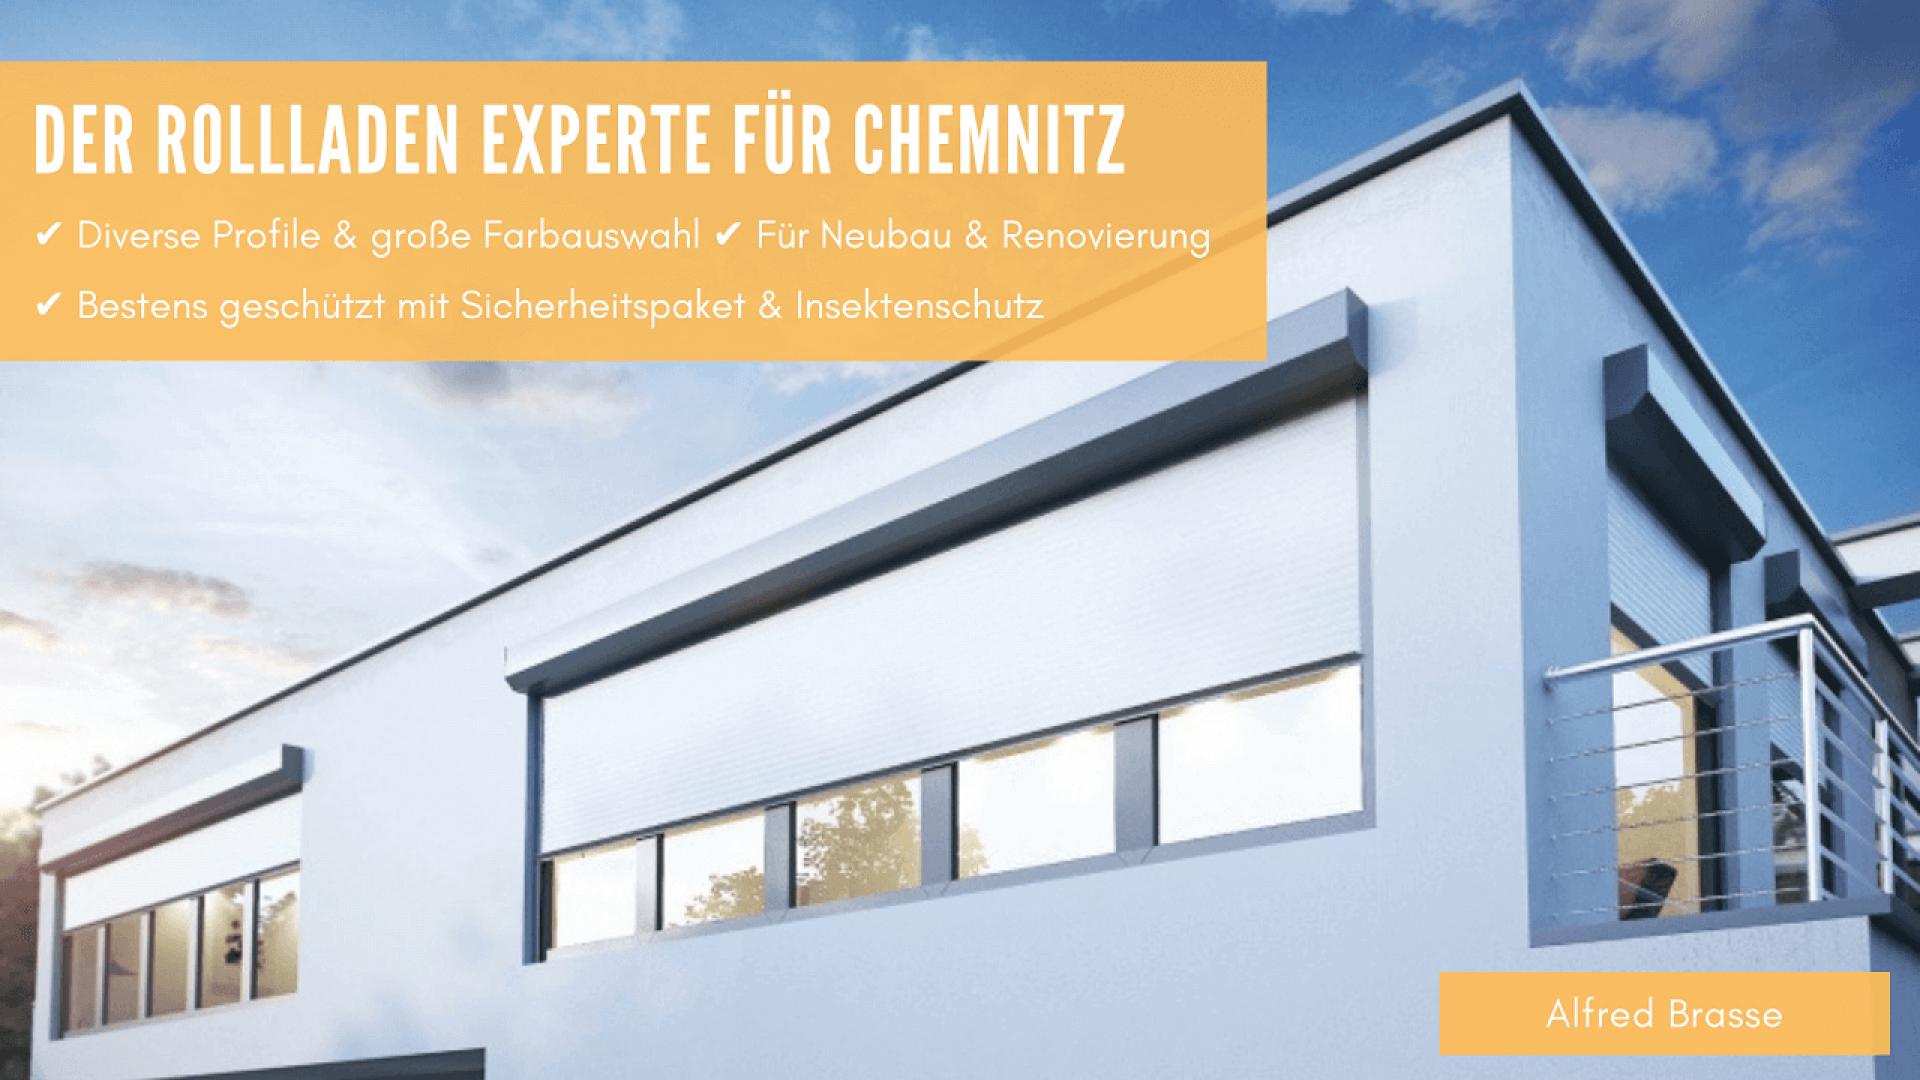 Rollladen vom Rollladenbau Experten in Chemnitz